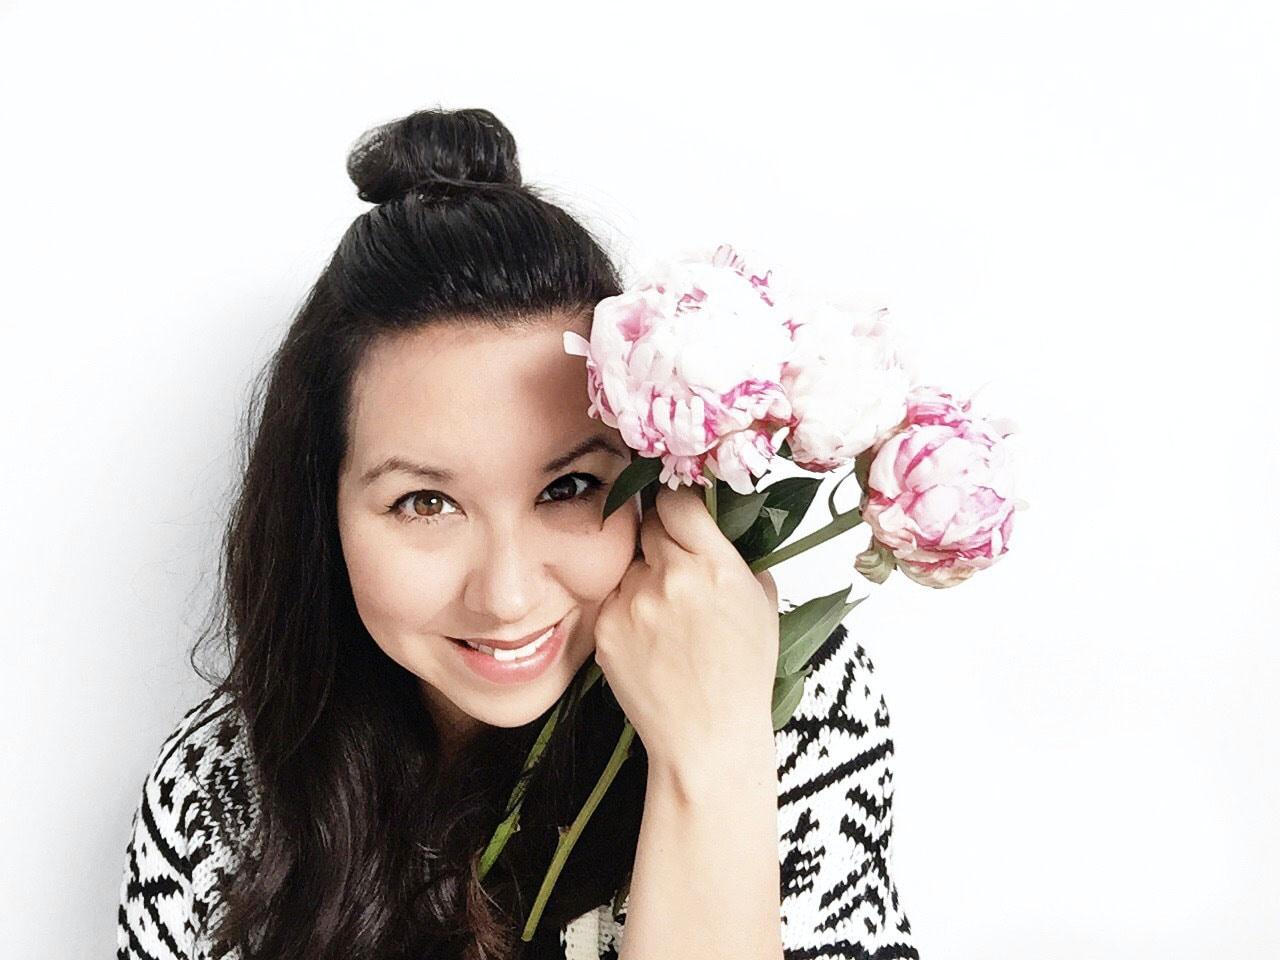 Go to Krista Bauer's profile